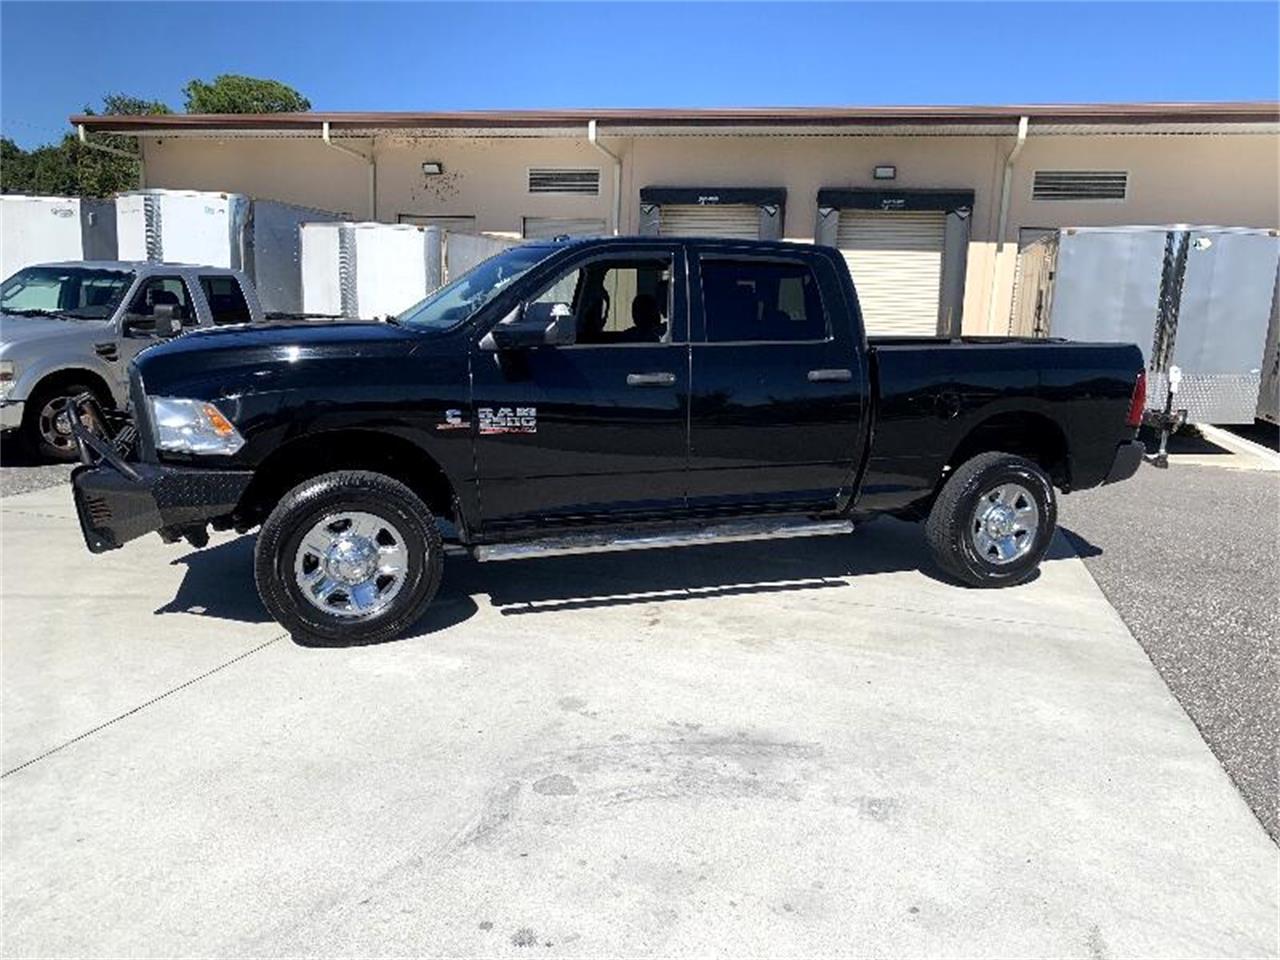 2014 Dodge Ram 2500 (CC-1419175) for sale in Tavares, Florida